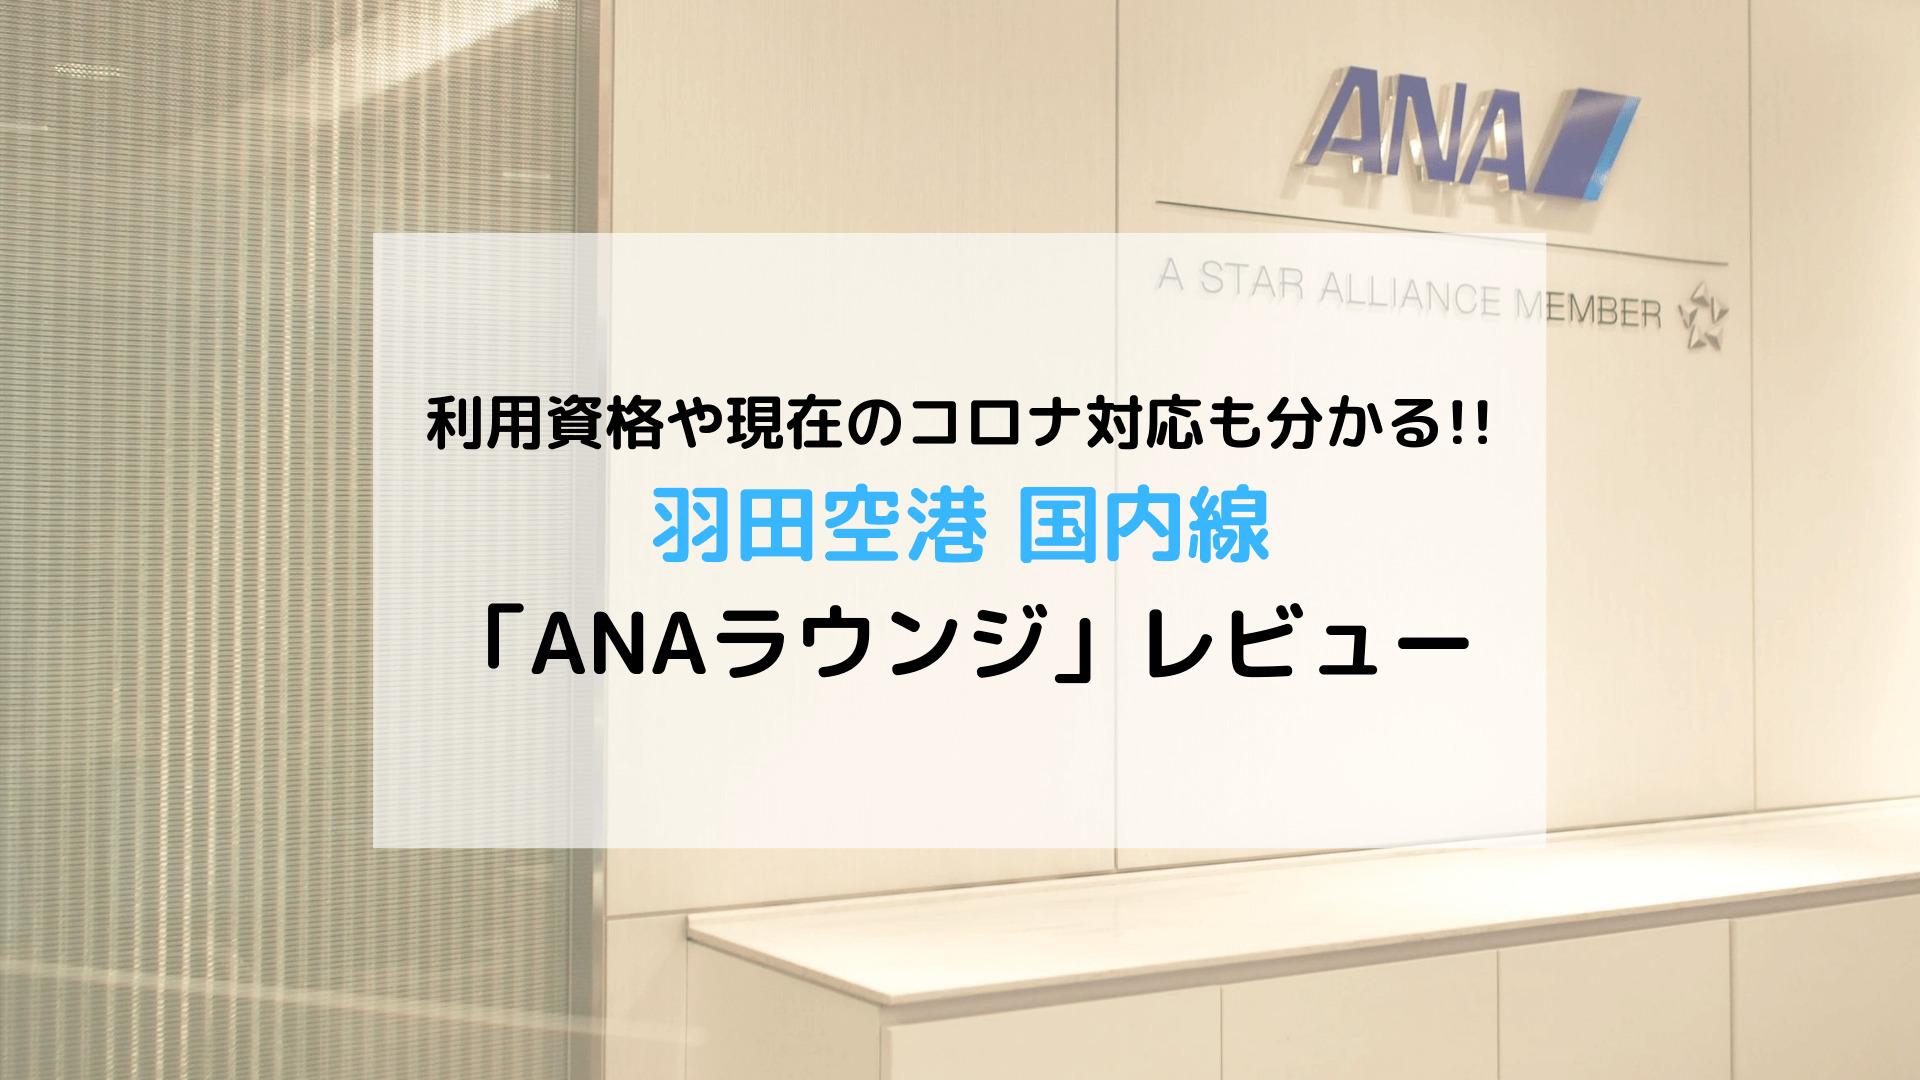 羽田空港 国内線 ANAラウンジレビュー